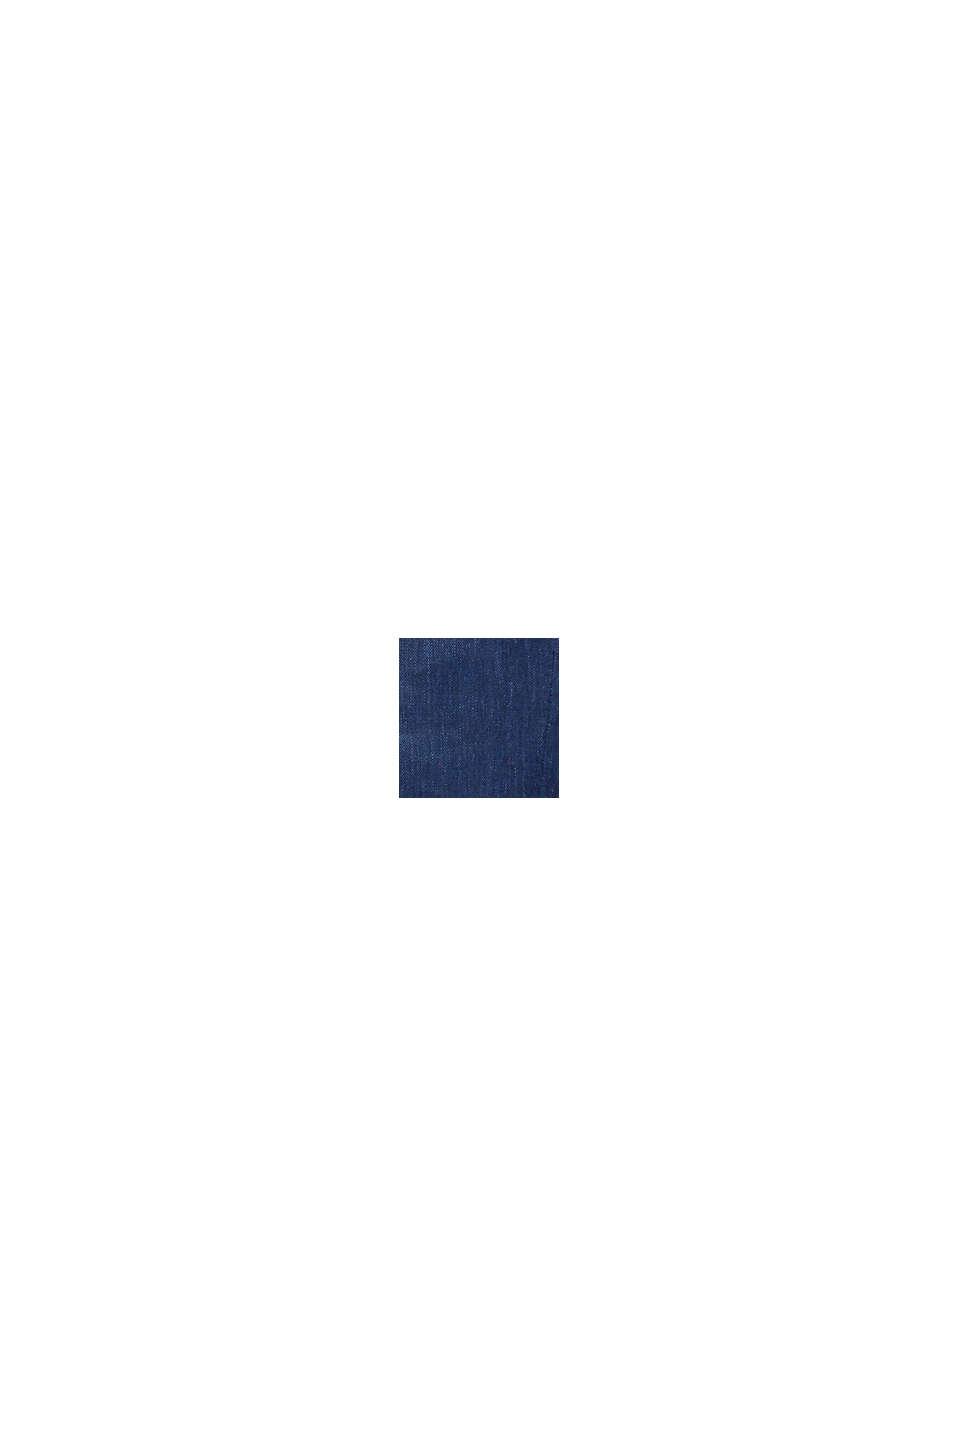 FIL-A-FIL I linnemix: väst, DARK BLUE, swatch